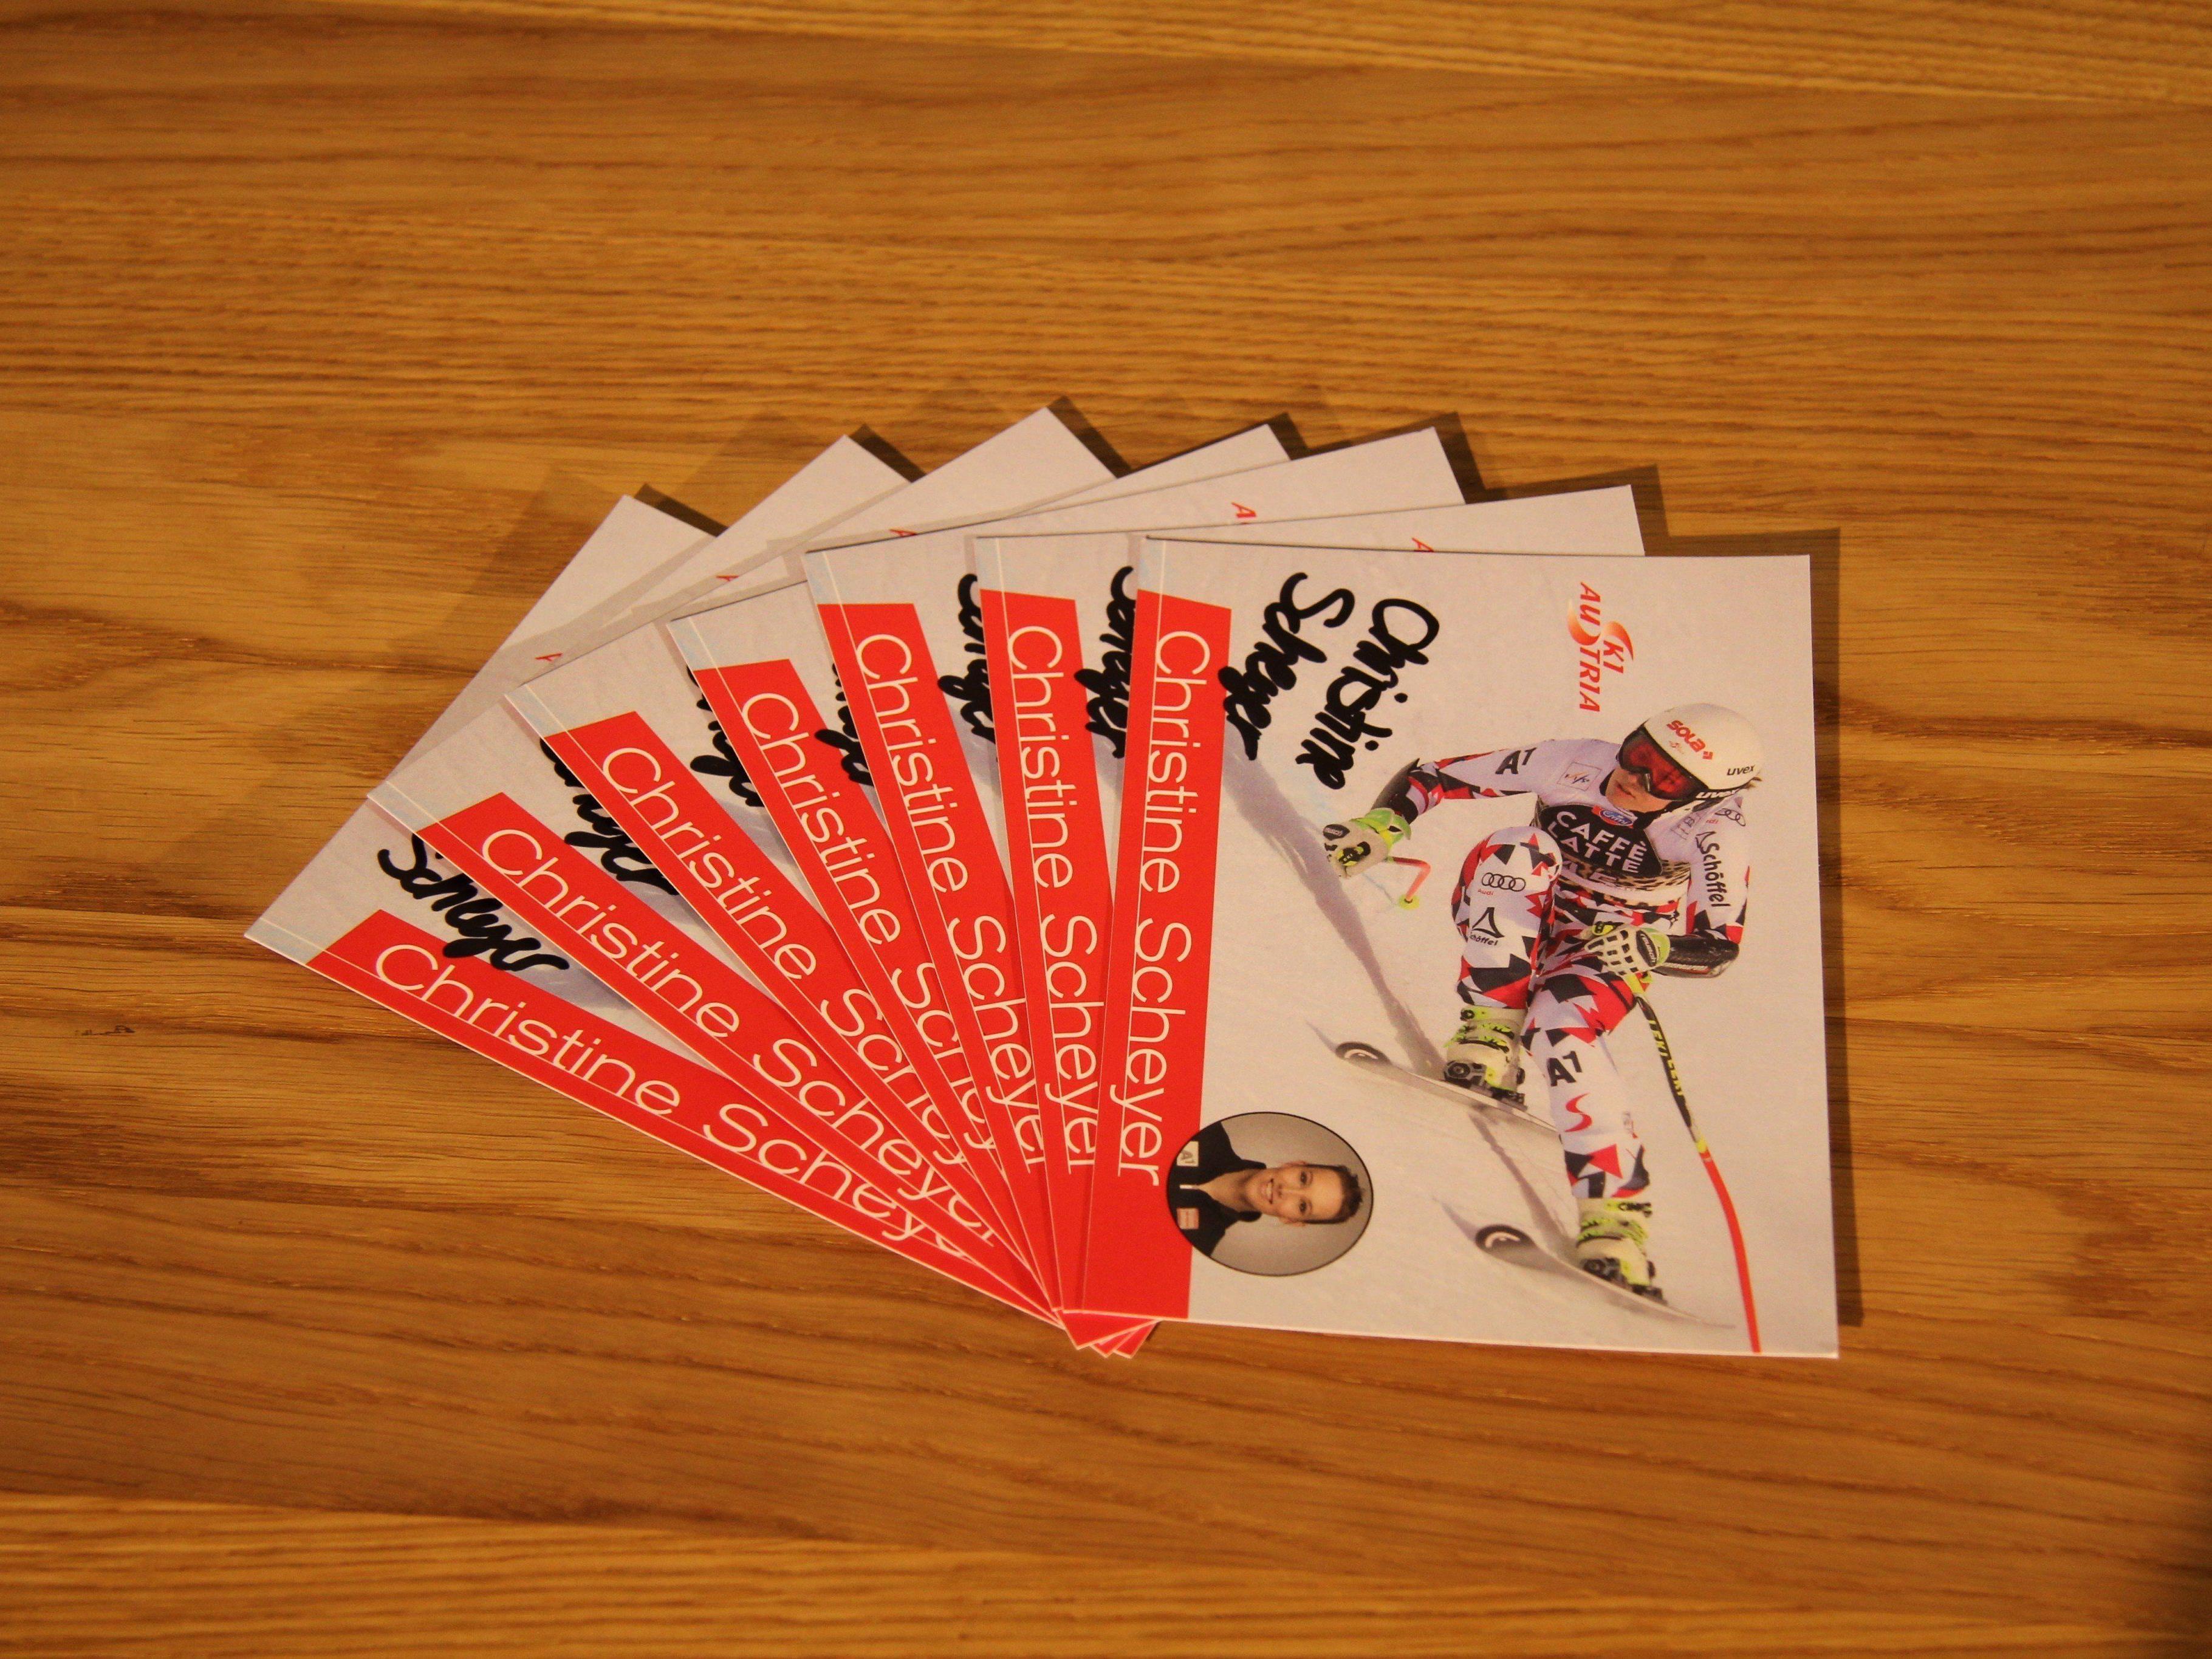 Gewinnen Sie eine von sieben Autogrammkarten von Christine Scheyer.